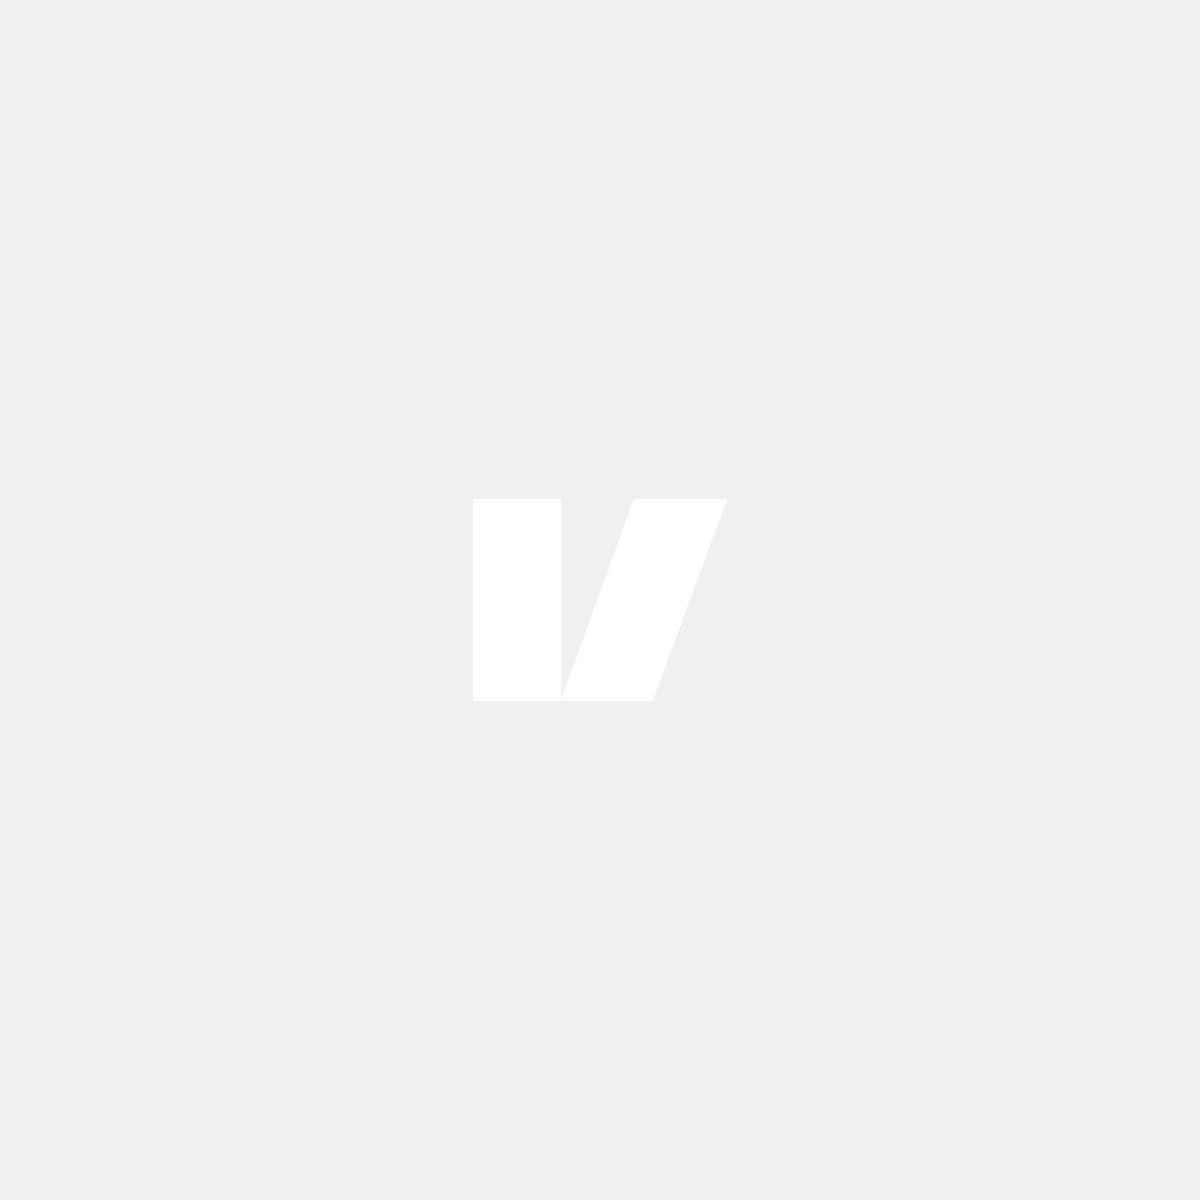 Sportgrill, kromad till Volvo S70, V70, C70